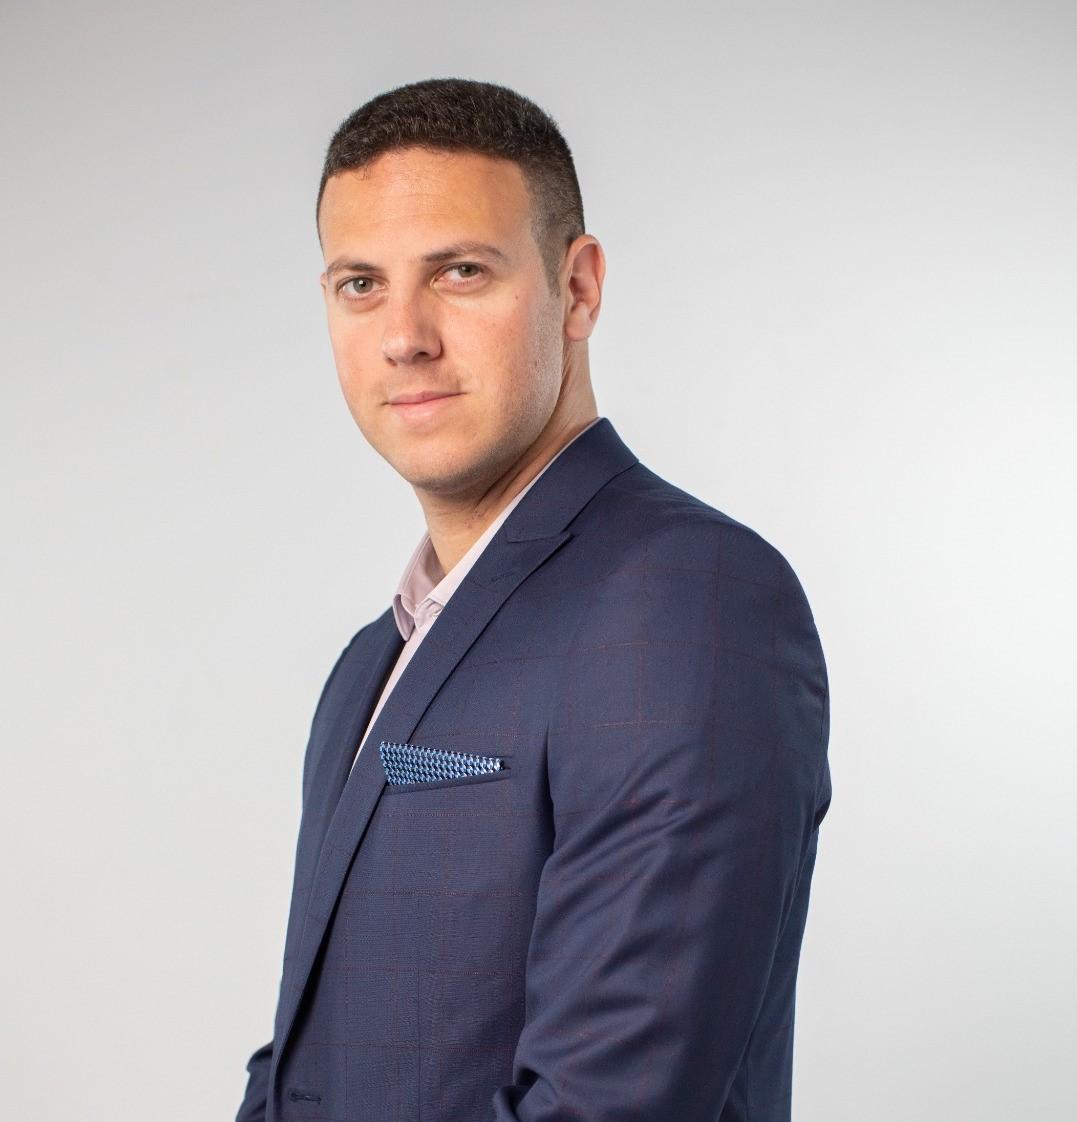 """דוד עציוני, יו""""ר החברה הכלכלית חיפה וסגן ראש העיר. צילום מיכה בריקמן"""